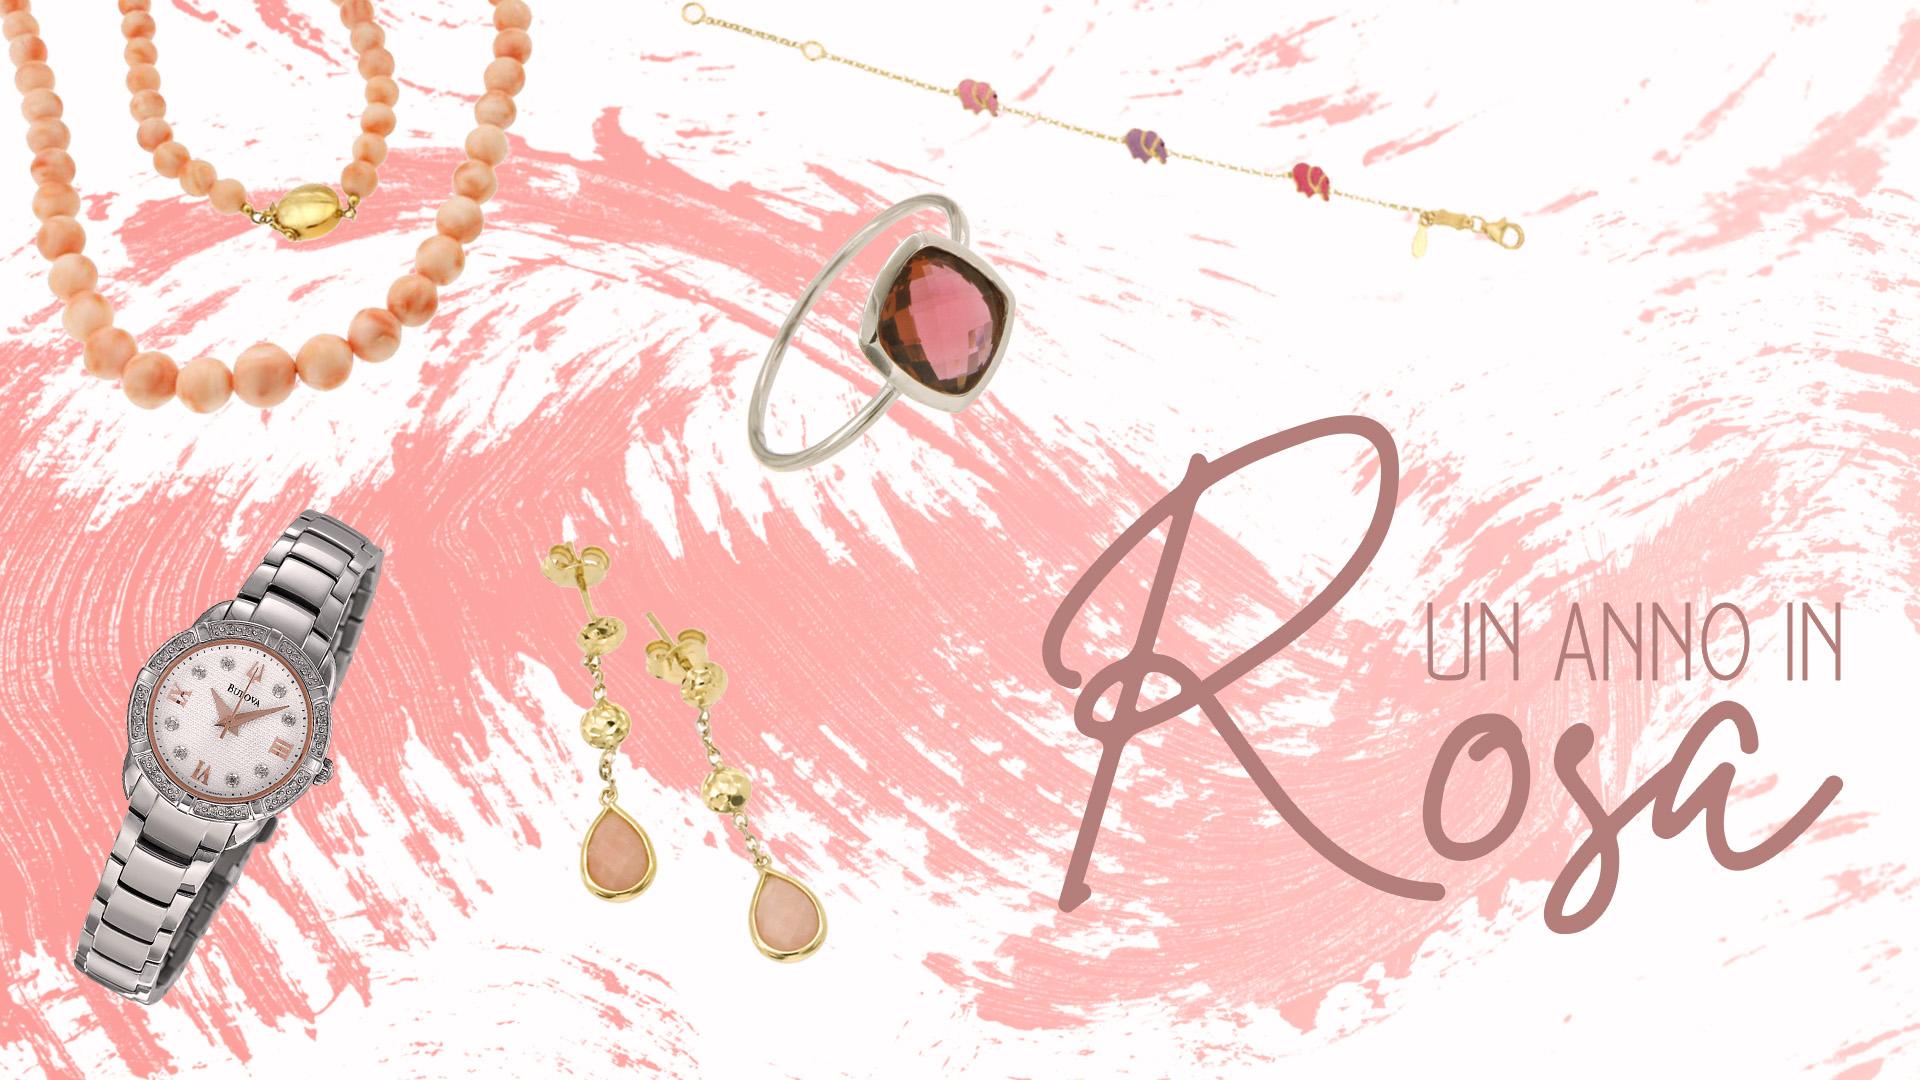 Il Bello del Lusso - articolo gennaio 2019: un anno in rosa